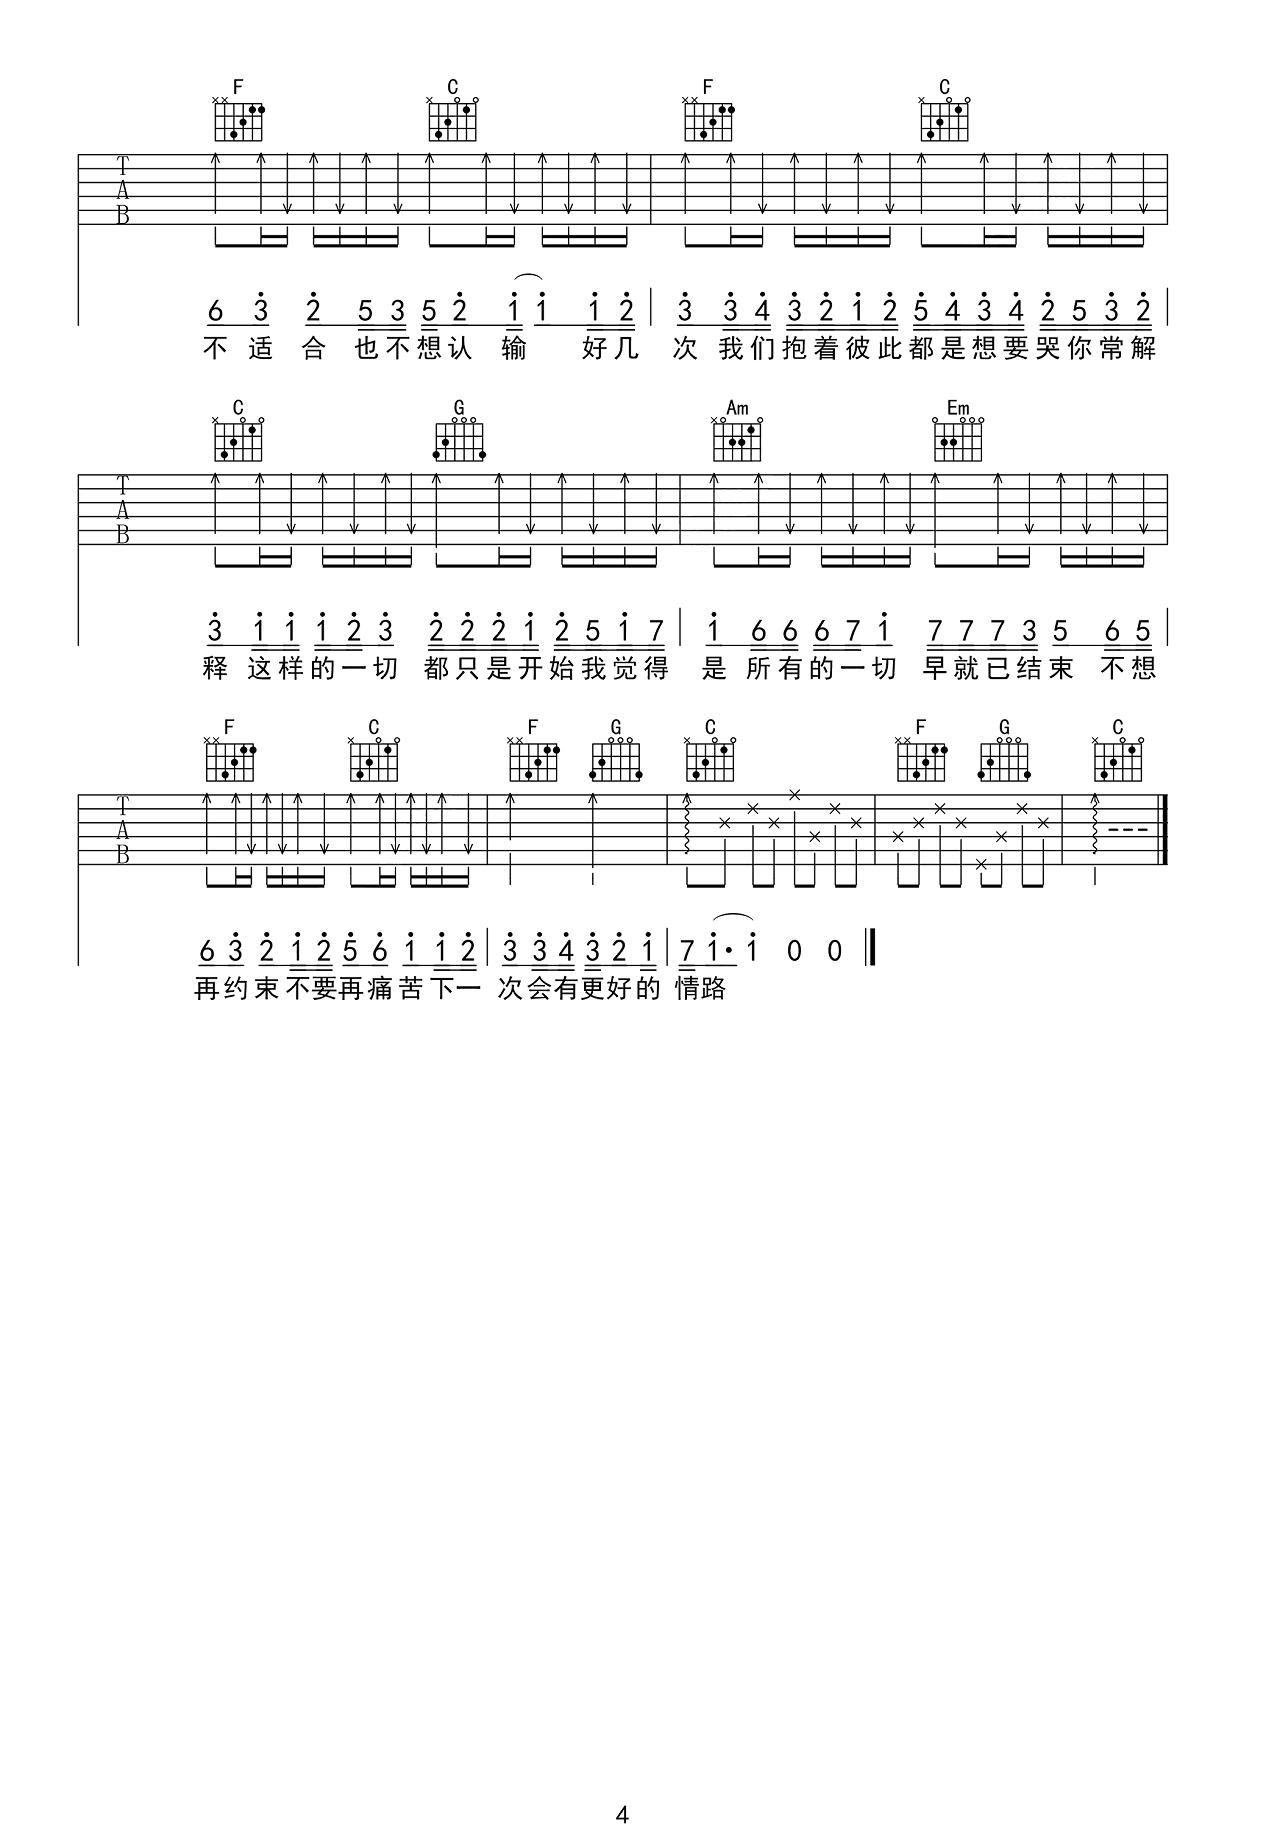 李圣杰/王小帅《最近》吉他谱 C调吉他弹唱谱4